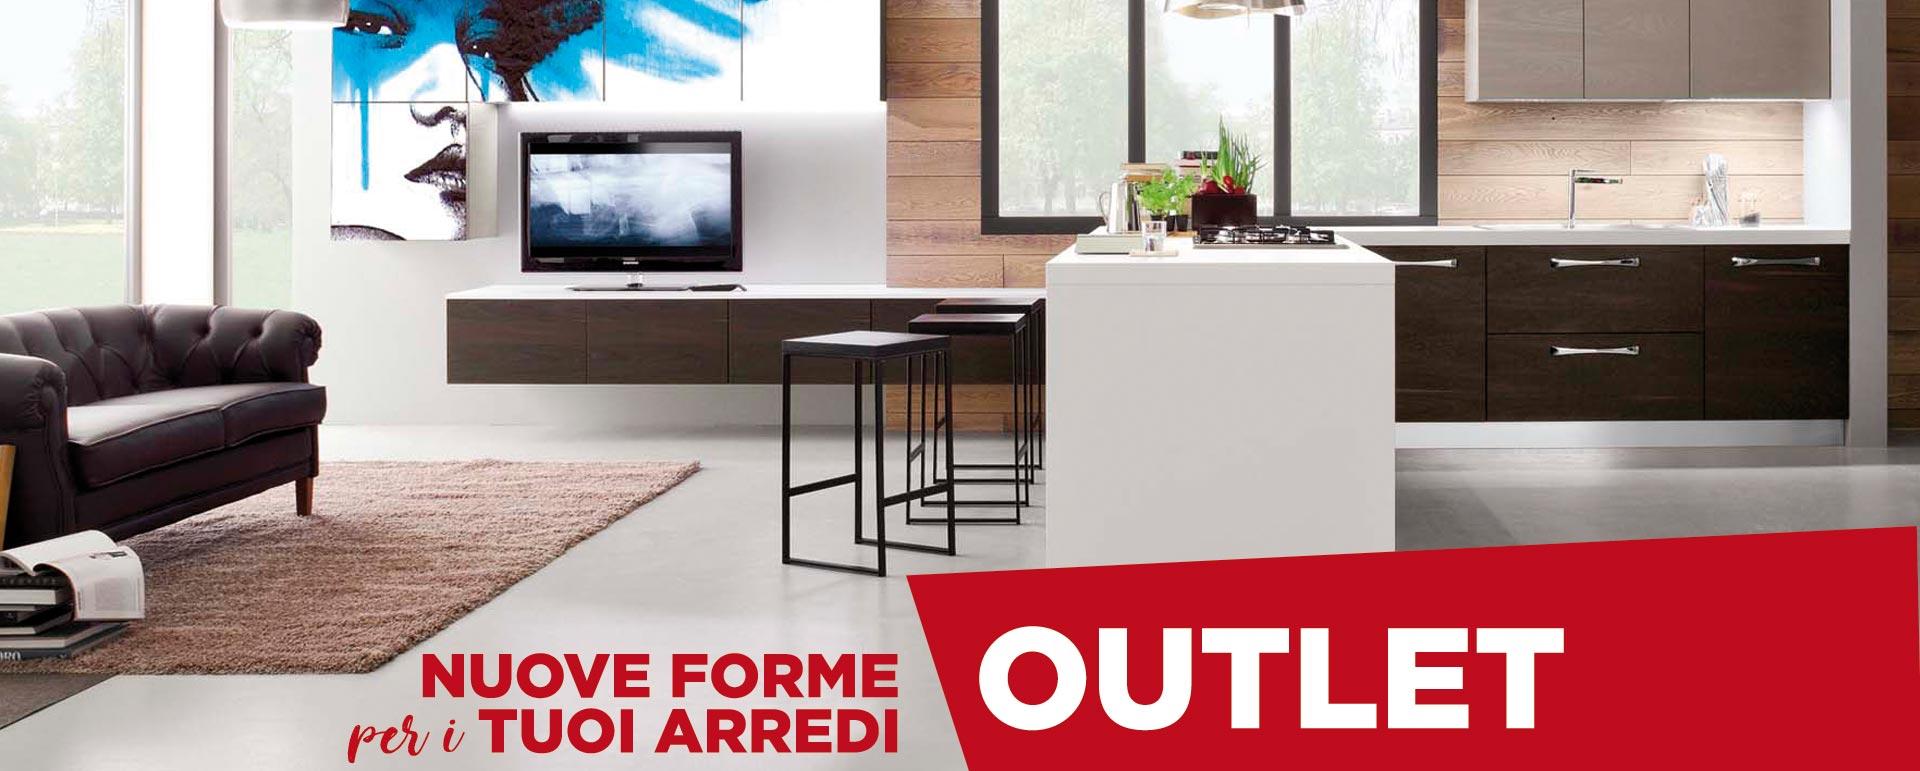 Outlet - Forme Nuove Arredamenti - Reggio Calabria